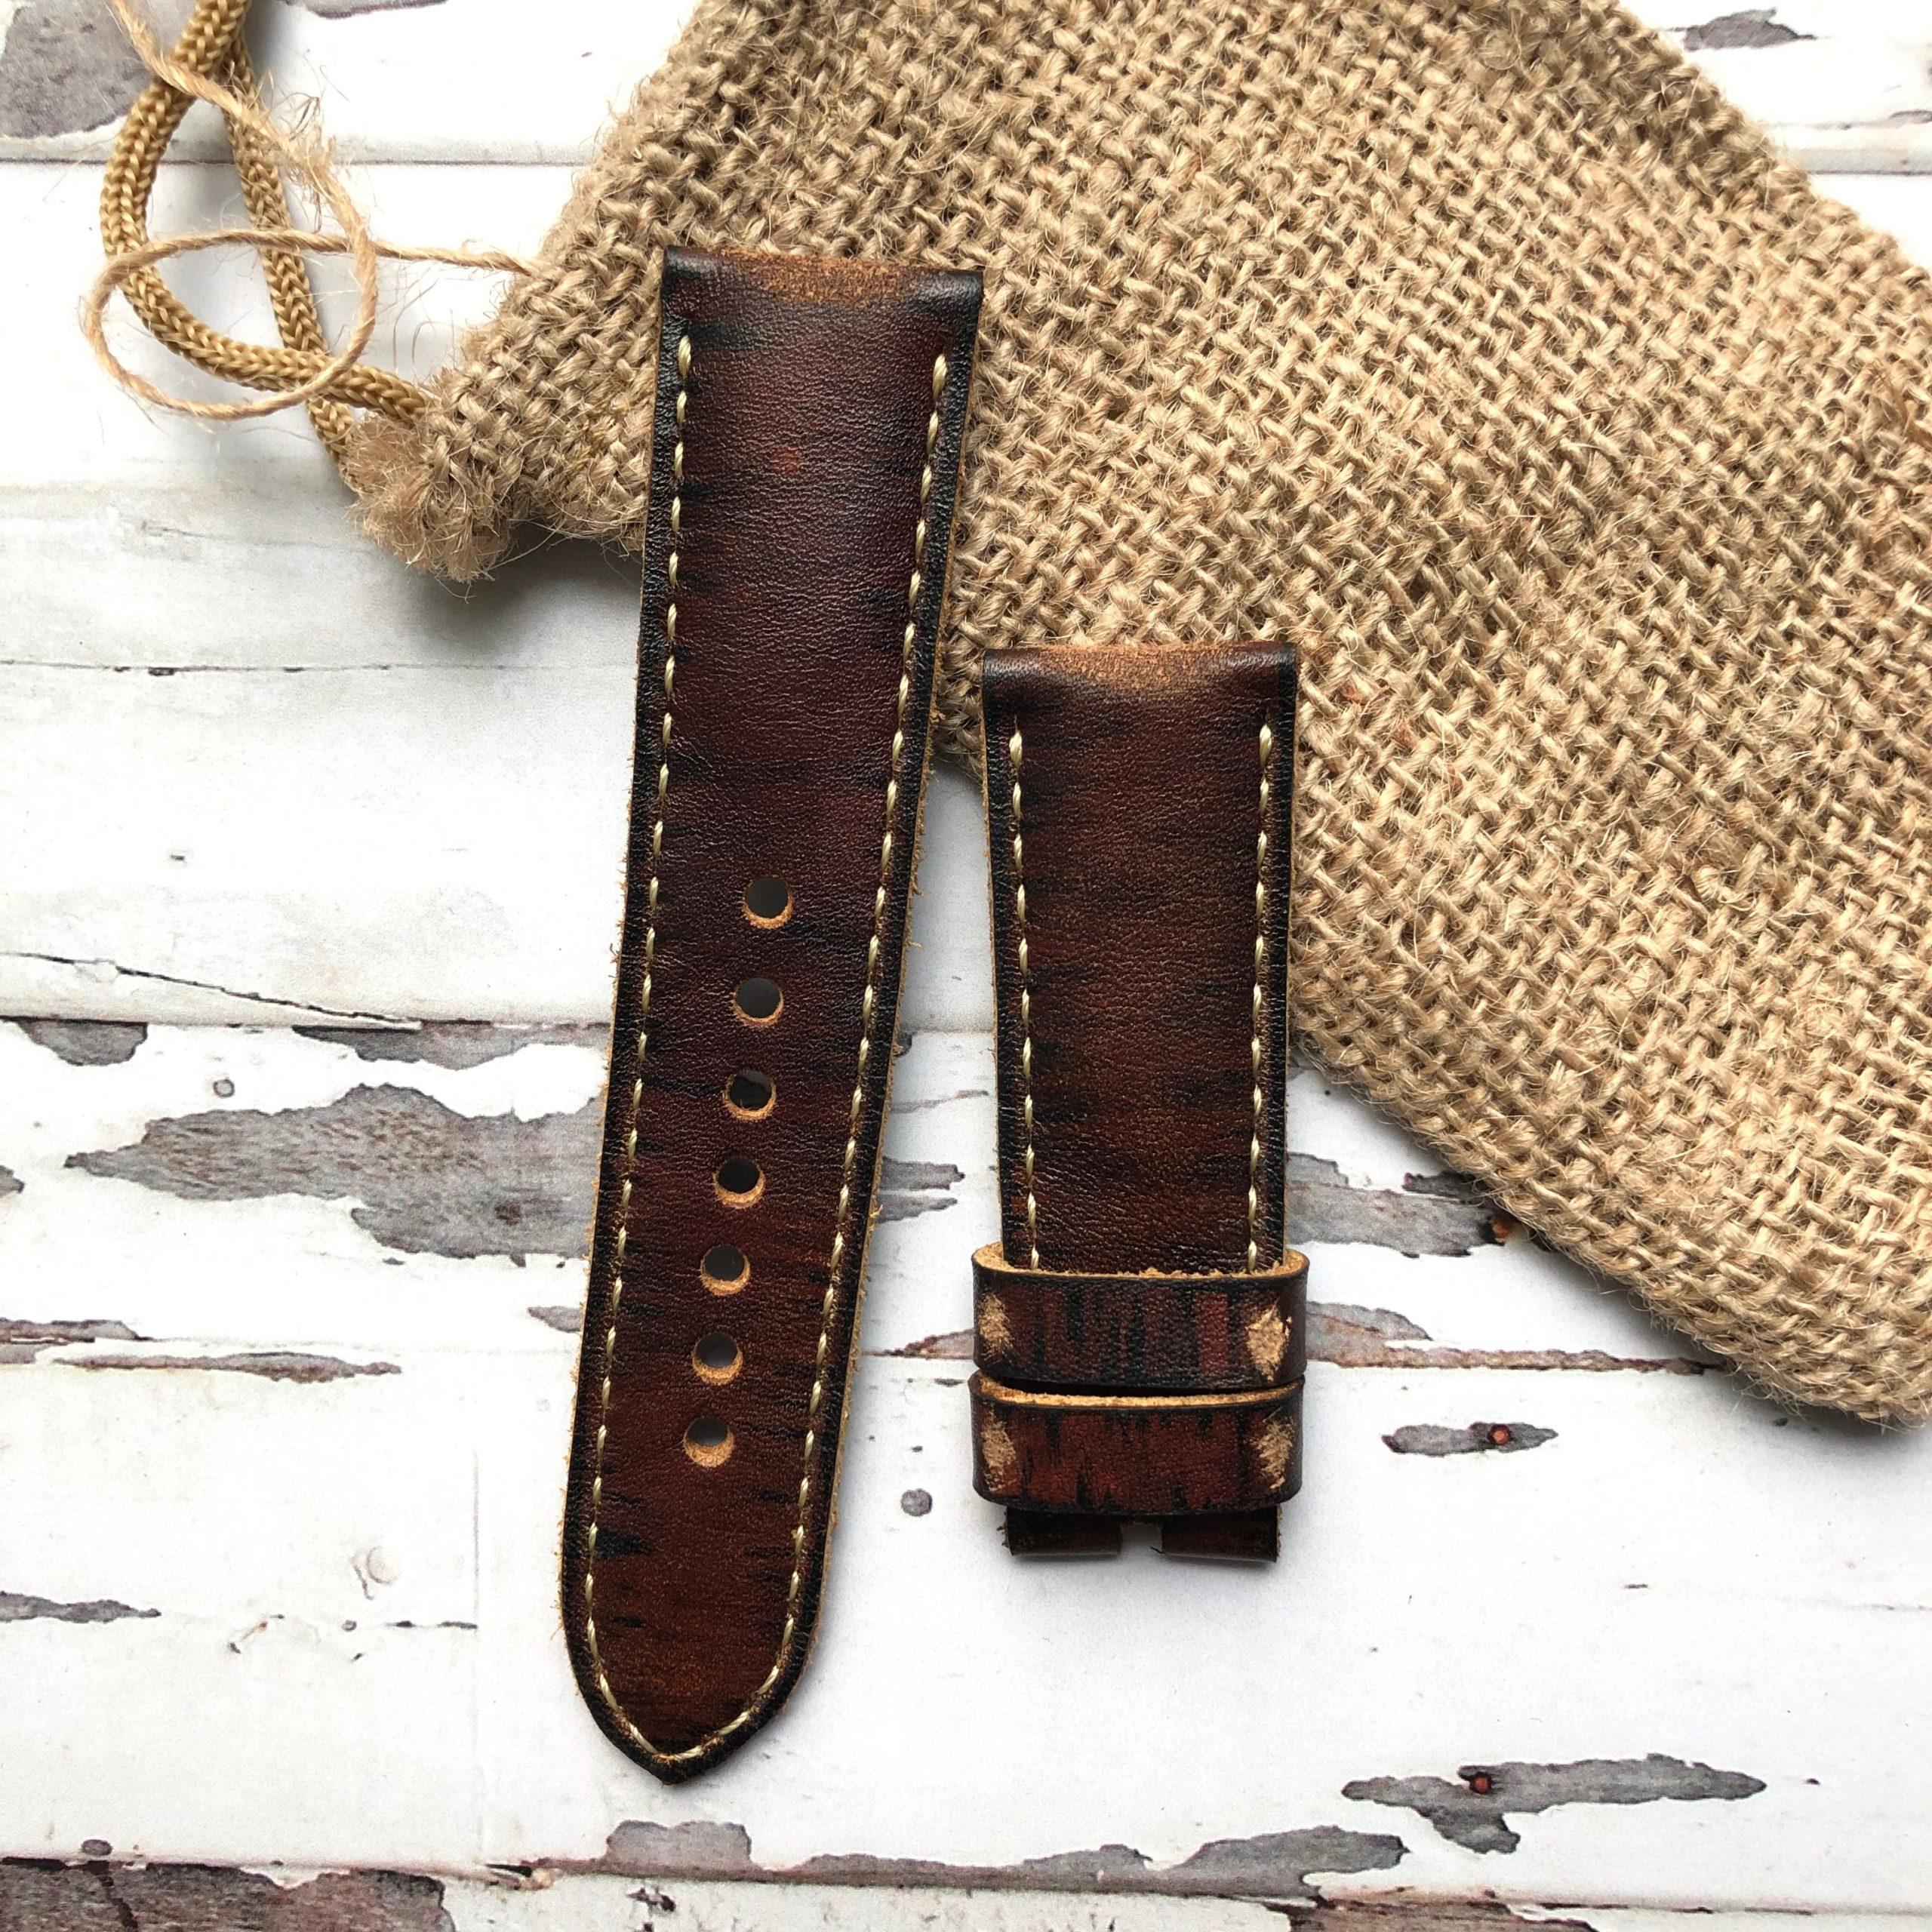 porteur-straps-dumbledore-strapsonly (3)